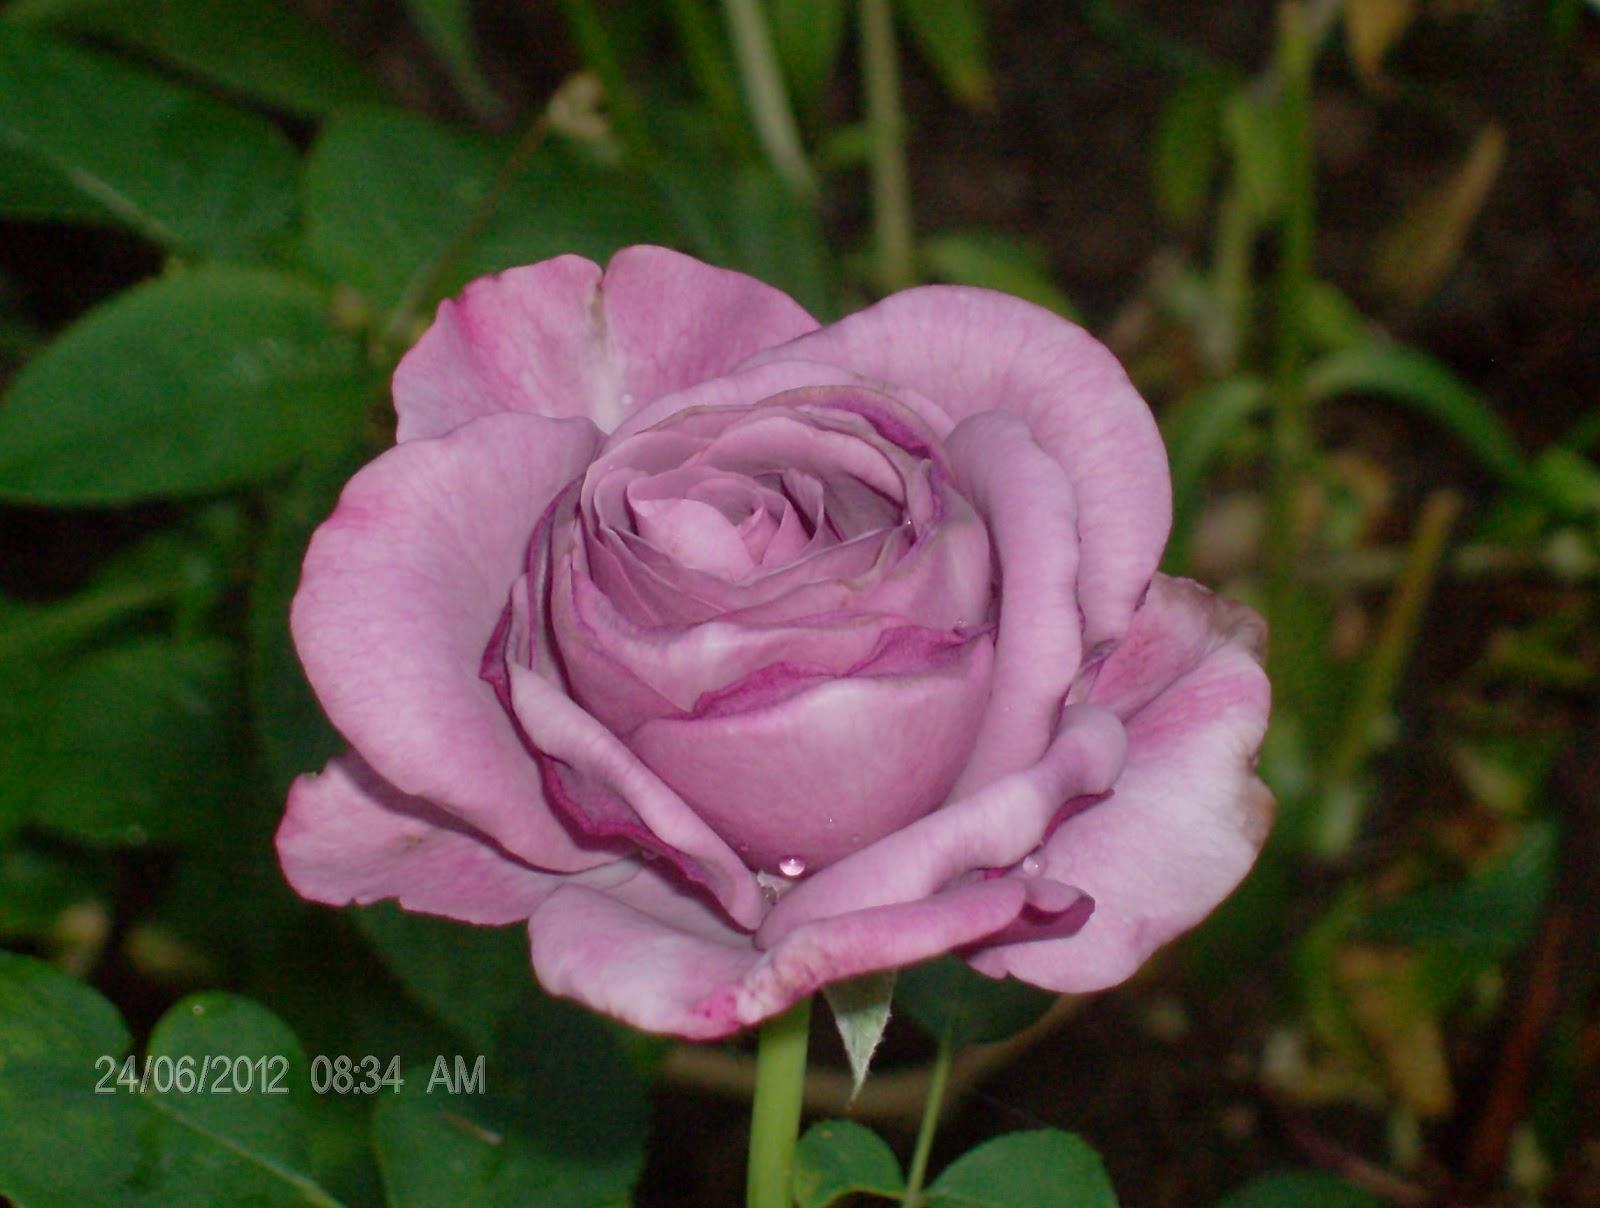 cultivo rosas jardim:rosa rosa spp é uma das flores mais populares do mundo cultivada